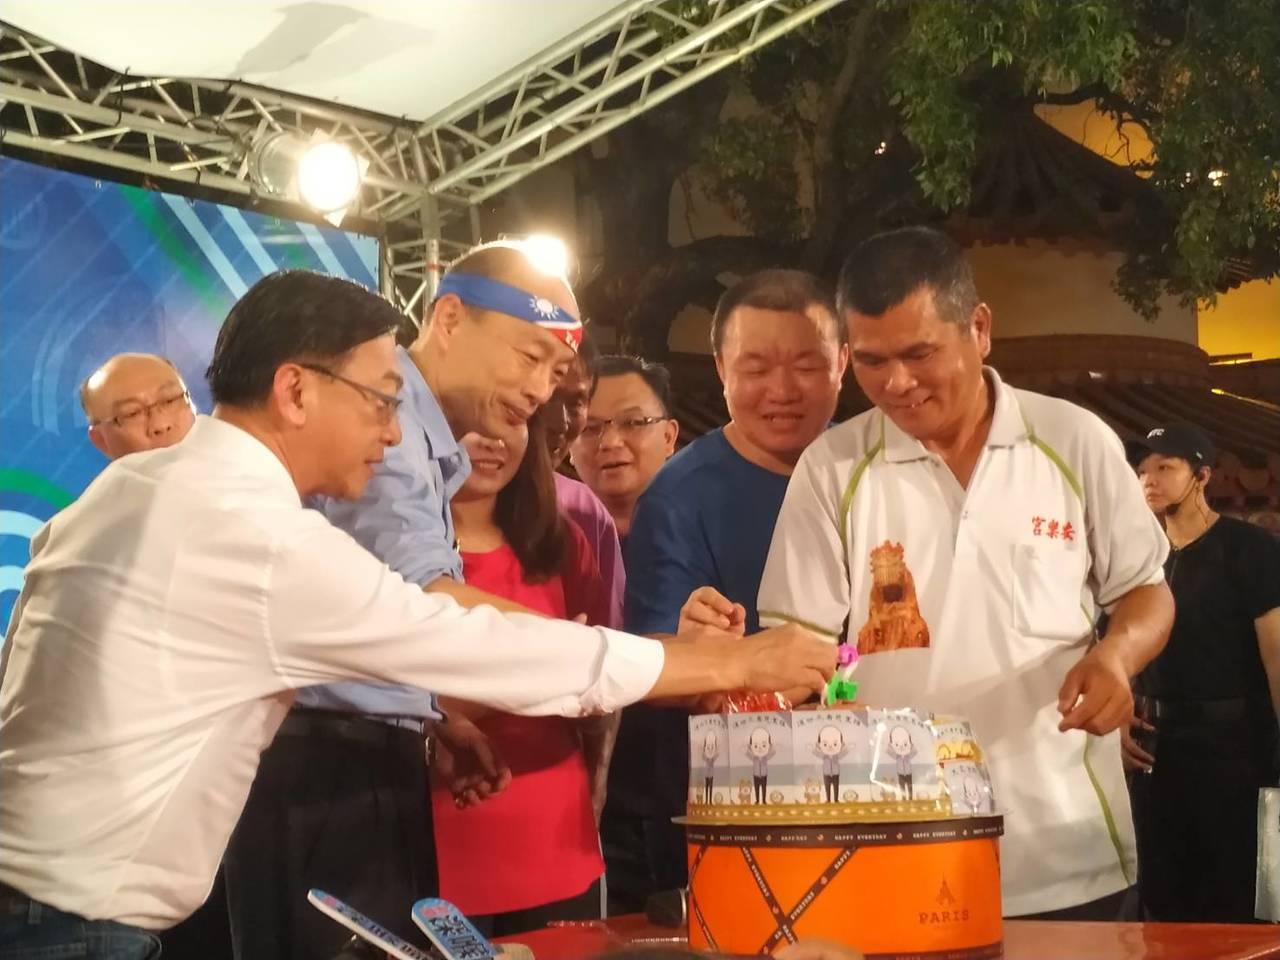 高市長韓國瑜上「新聞深喉嚨」戶外開講節目,有民眾自己做蛋糕送給今天生日的韓國瑜。...